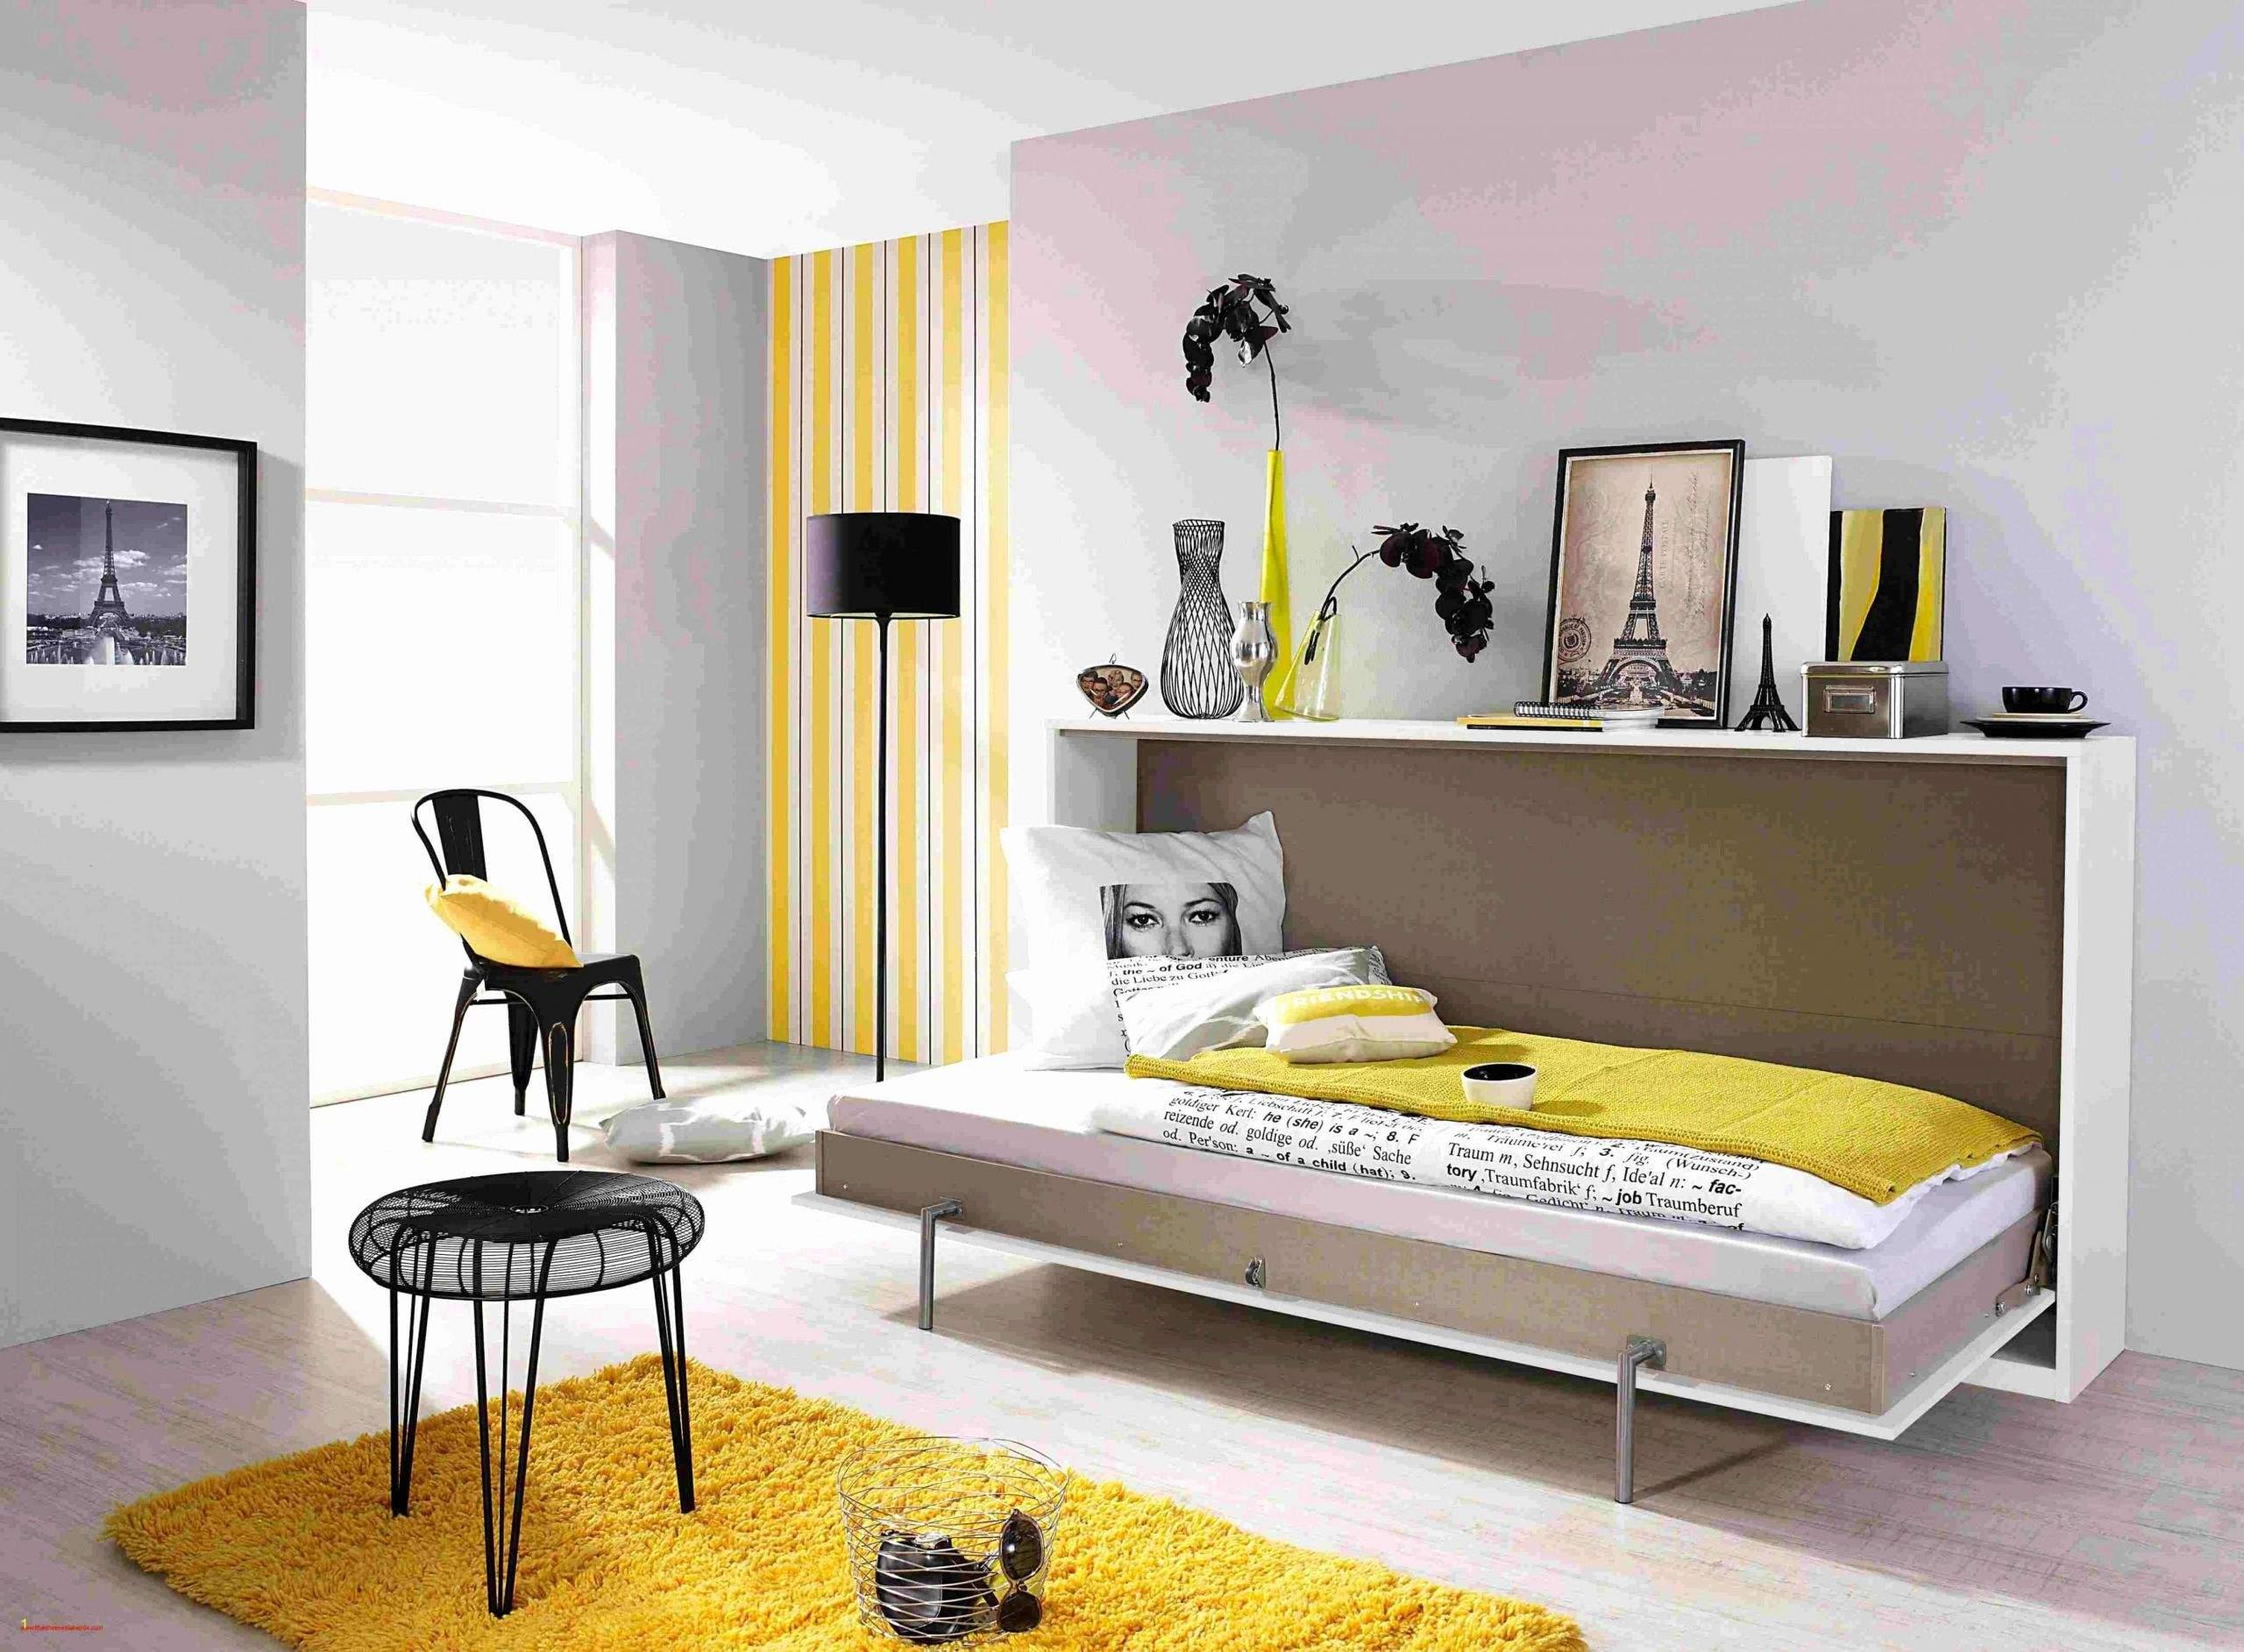 ikea einrichtungsideen wohnzimmer frisch hausplane of ikea einrichtungsideen wohnzimmer scaled